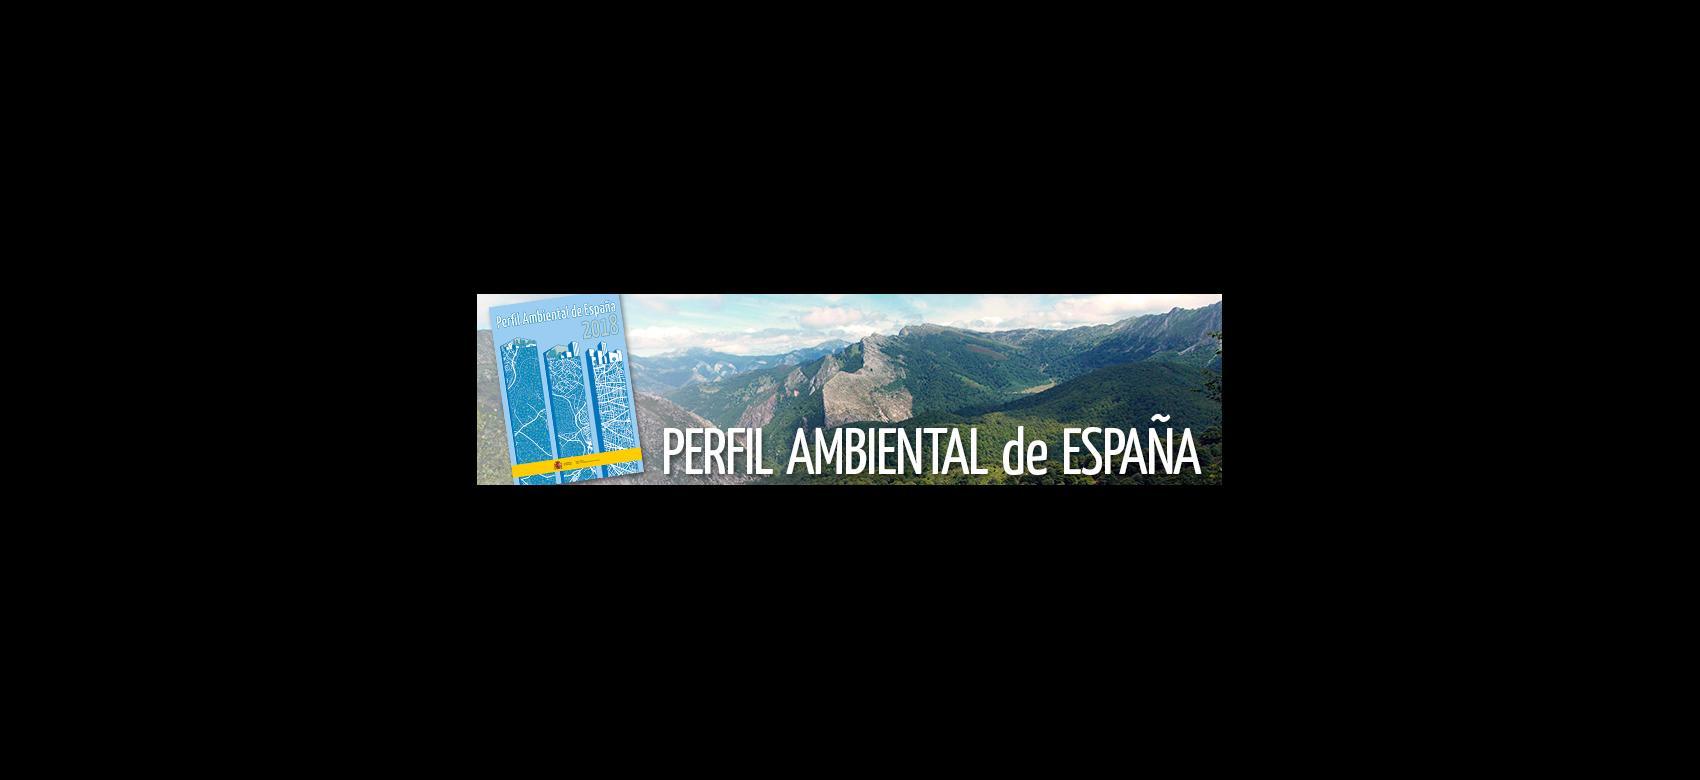 Perfil Ambiental de España